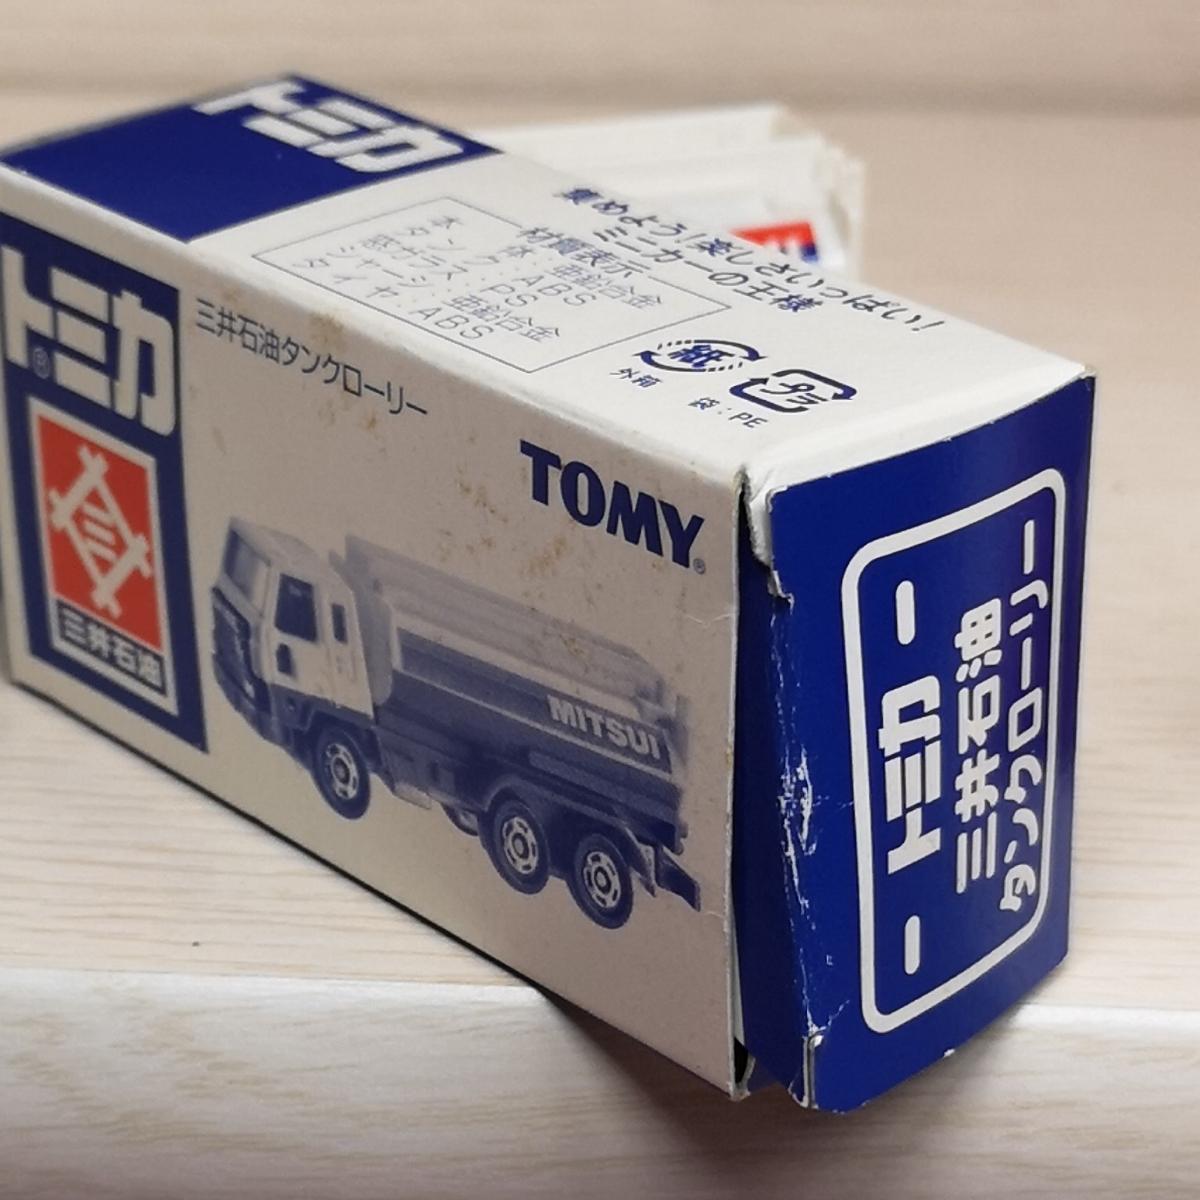 特注トミカ 三井石油 タンクローリー 日産ディーゼル レゾナ トラック_画像5